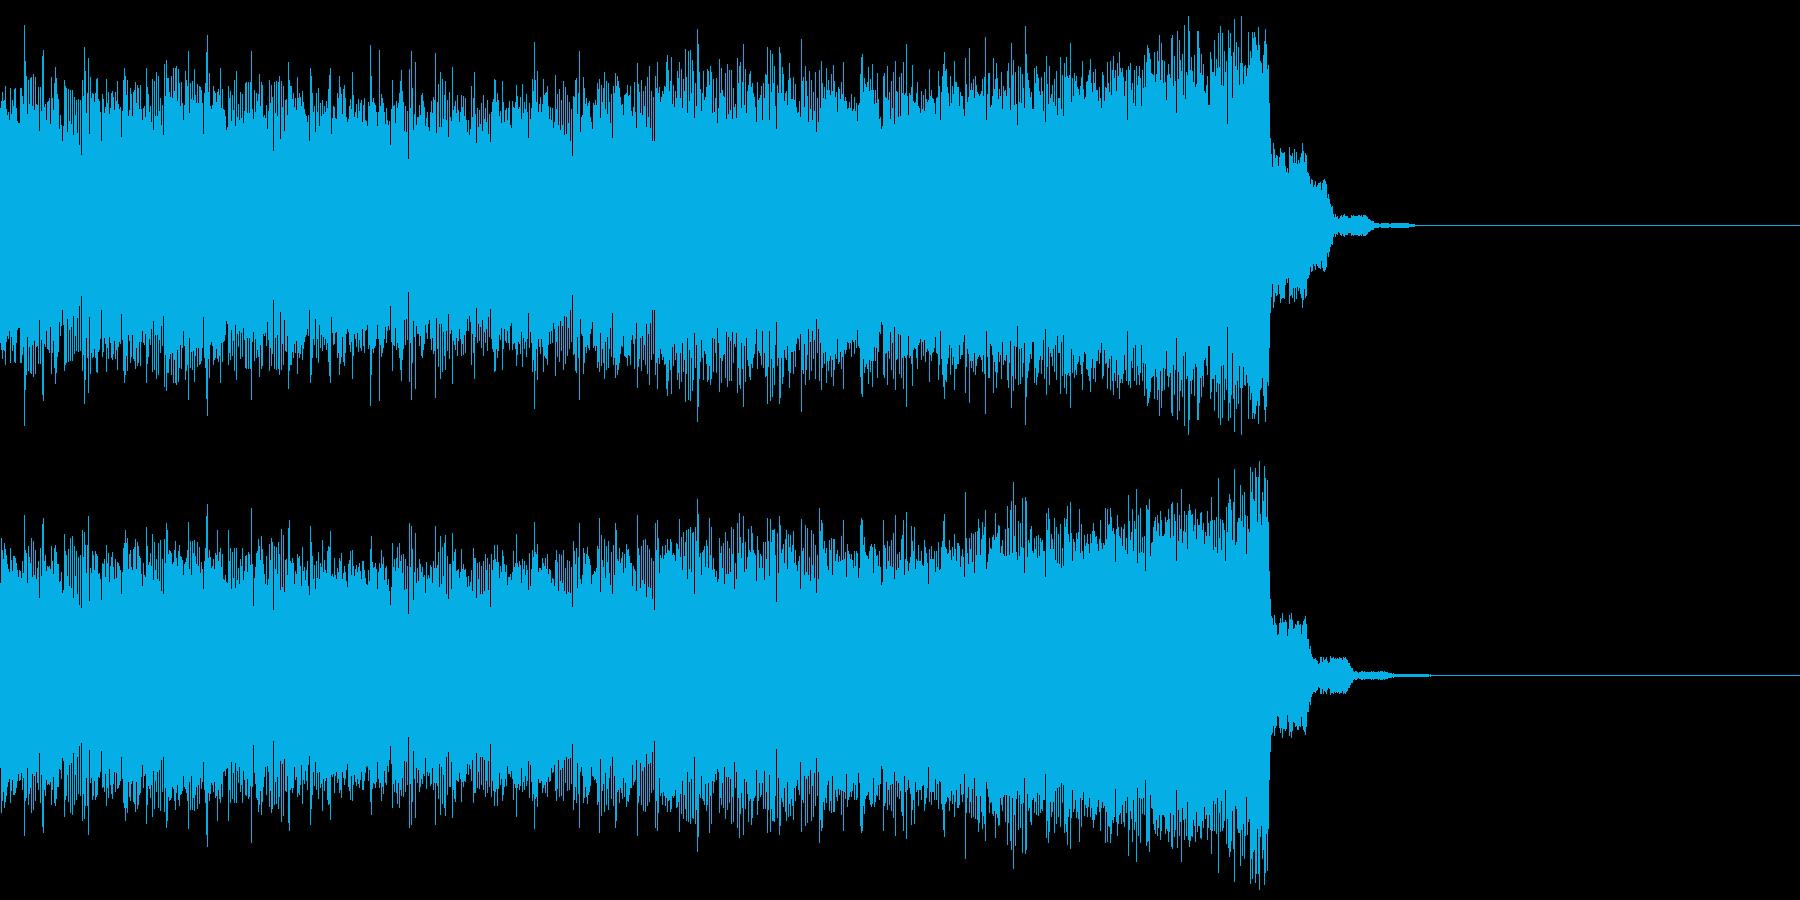 デジタル、CG、SFX等の映像ショート⑯の再生済みの波形